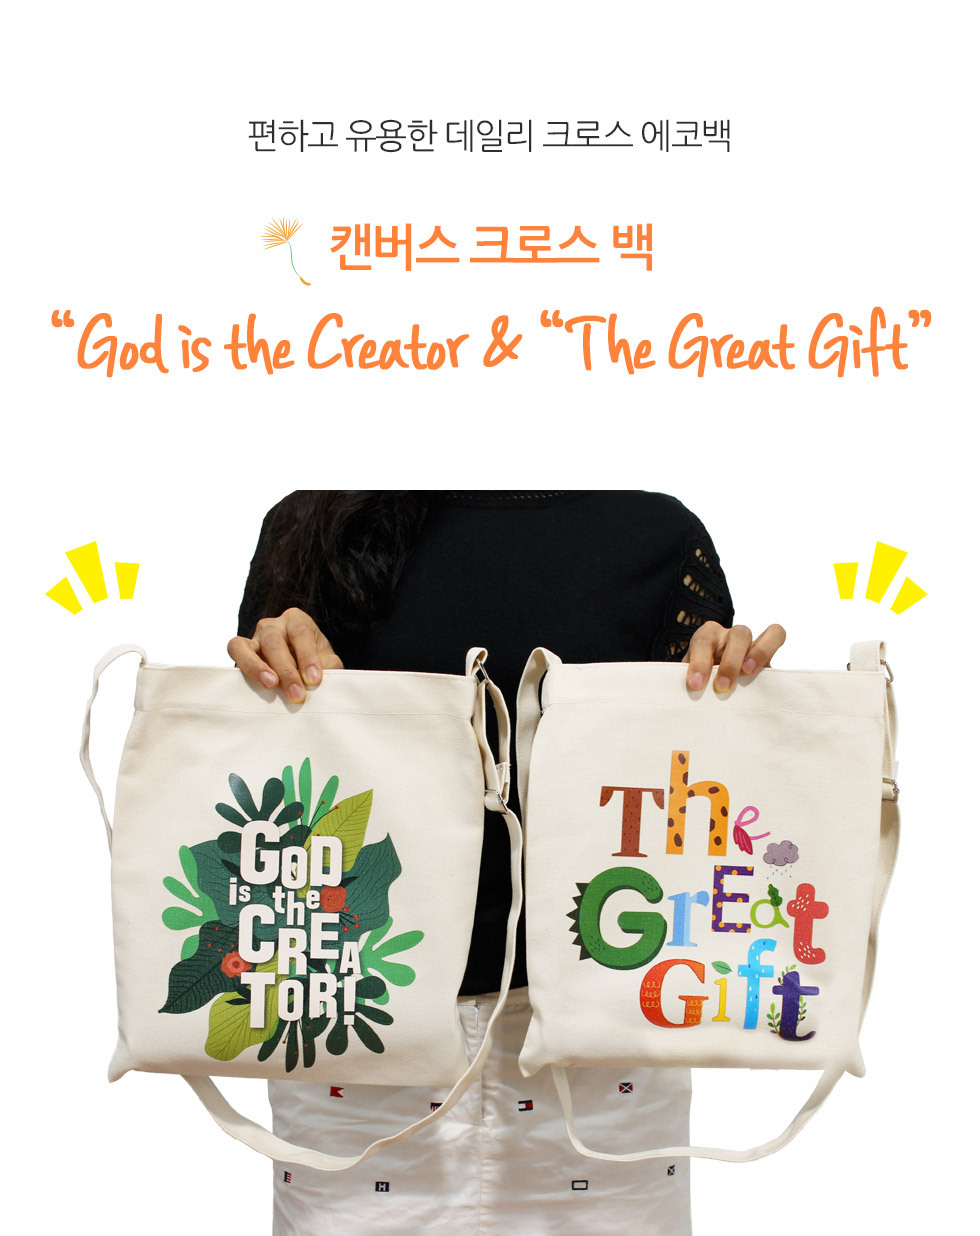 캔버스 크로스백 God is the Creator, The Great Gift (창조주꽃,동물) 크로스 에코백 교회가방 교회학교 단체가방 보조가방 활용도높은 데일리에코백 캔버스 보조가방